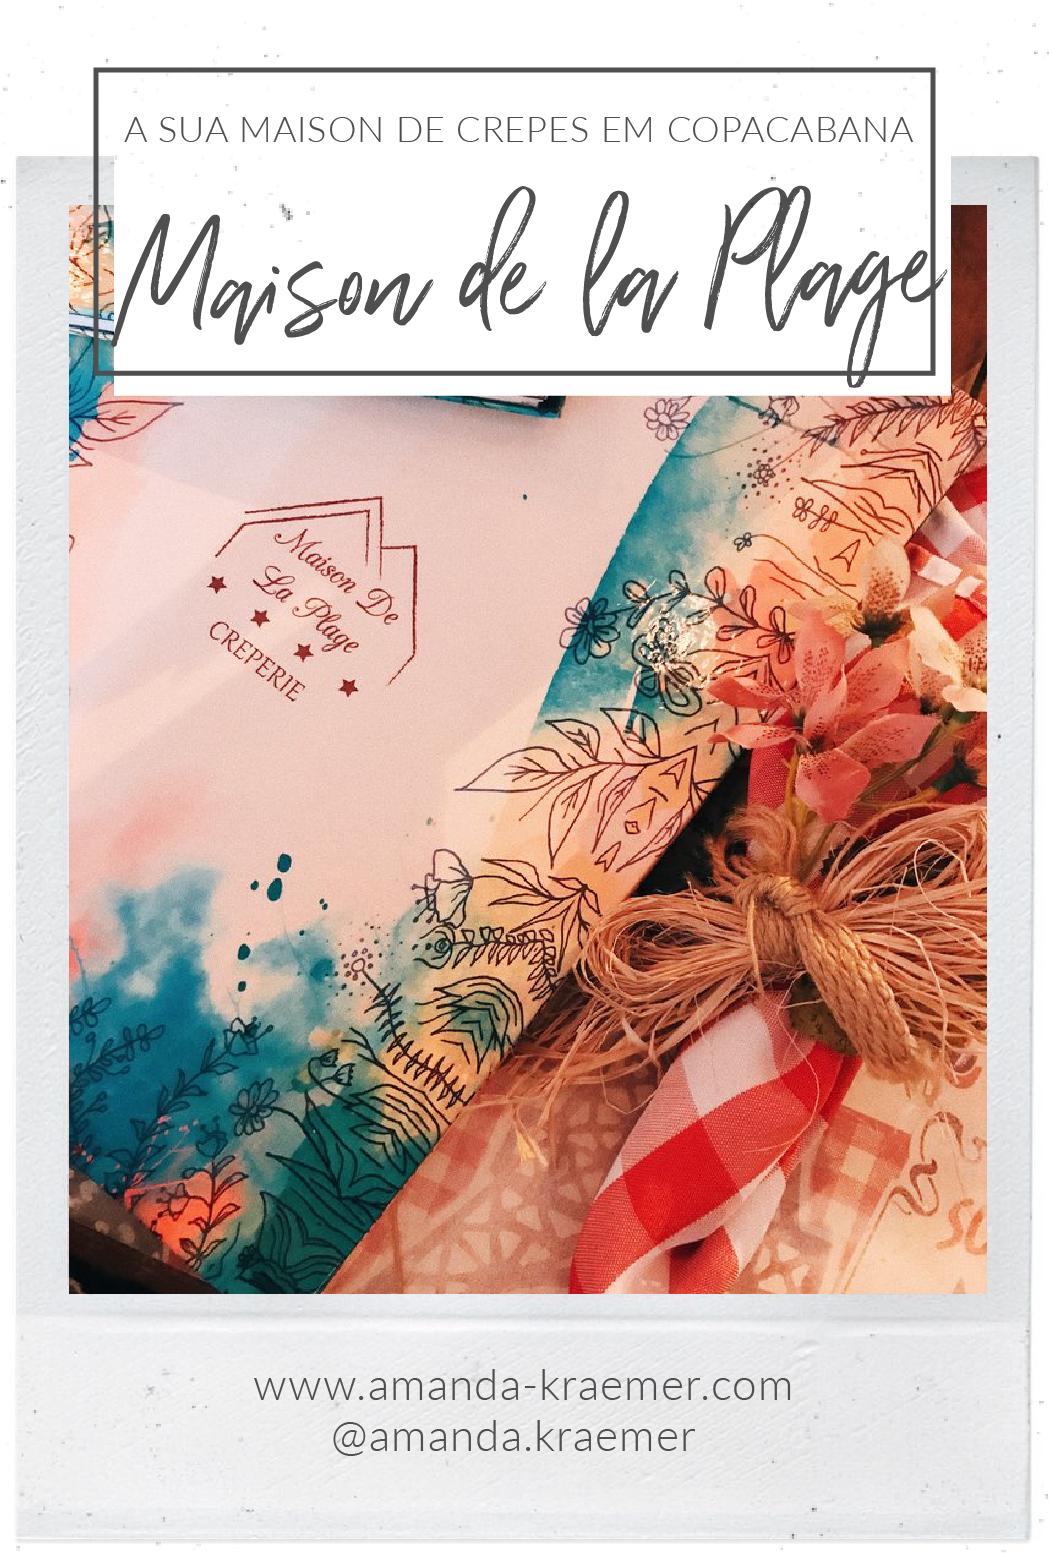 MAISON-DE-LA-PLAGE-CAPA.jpg